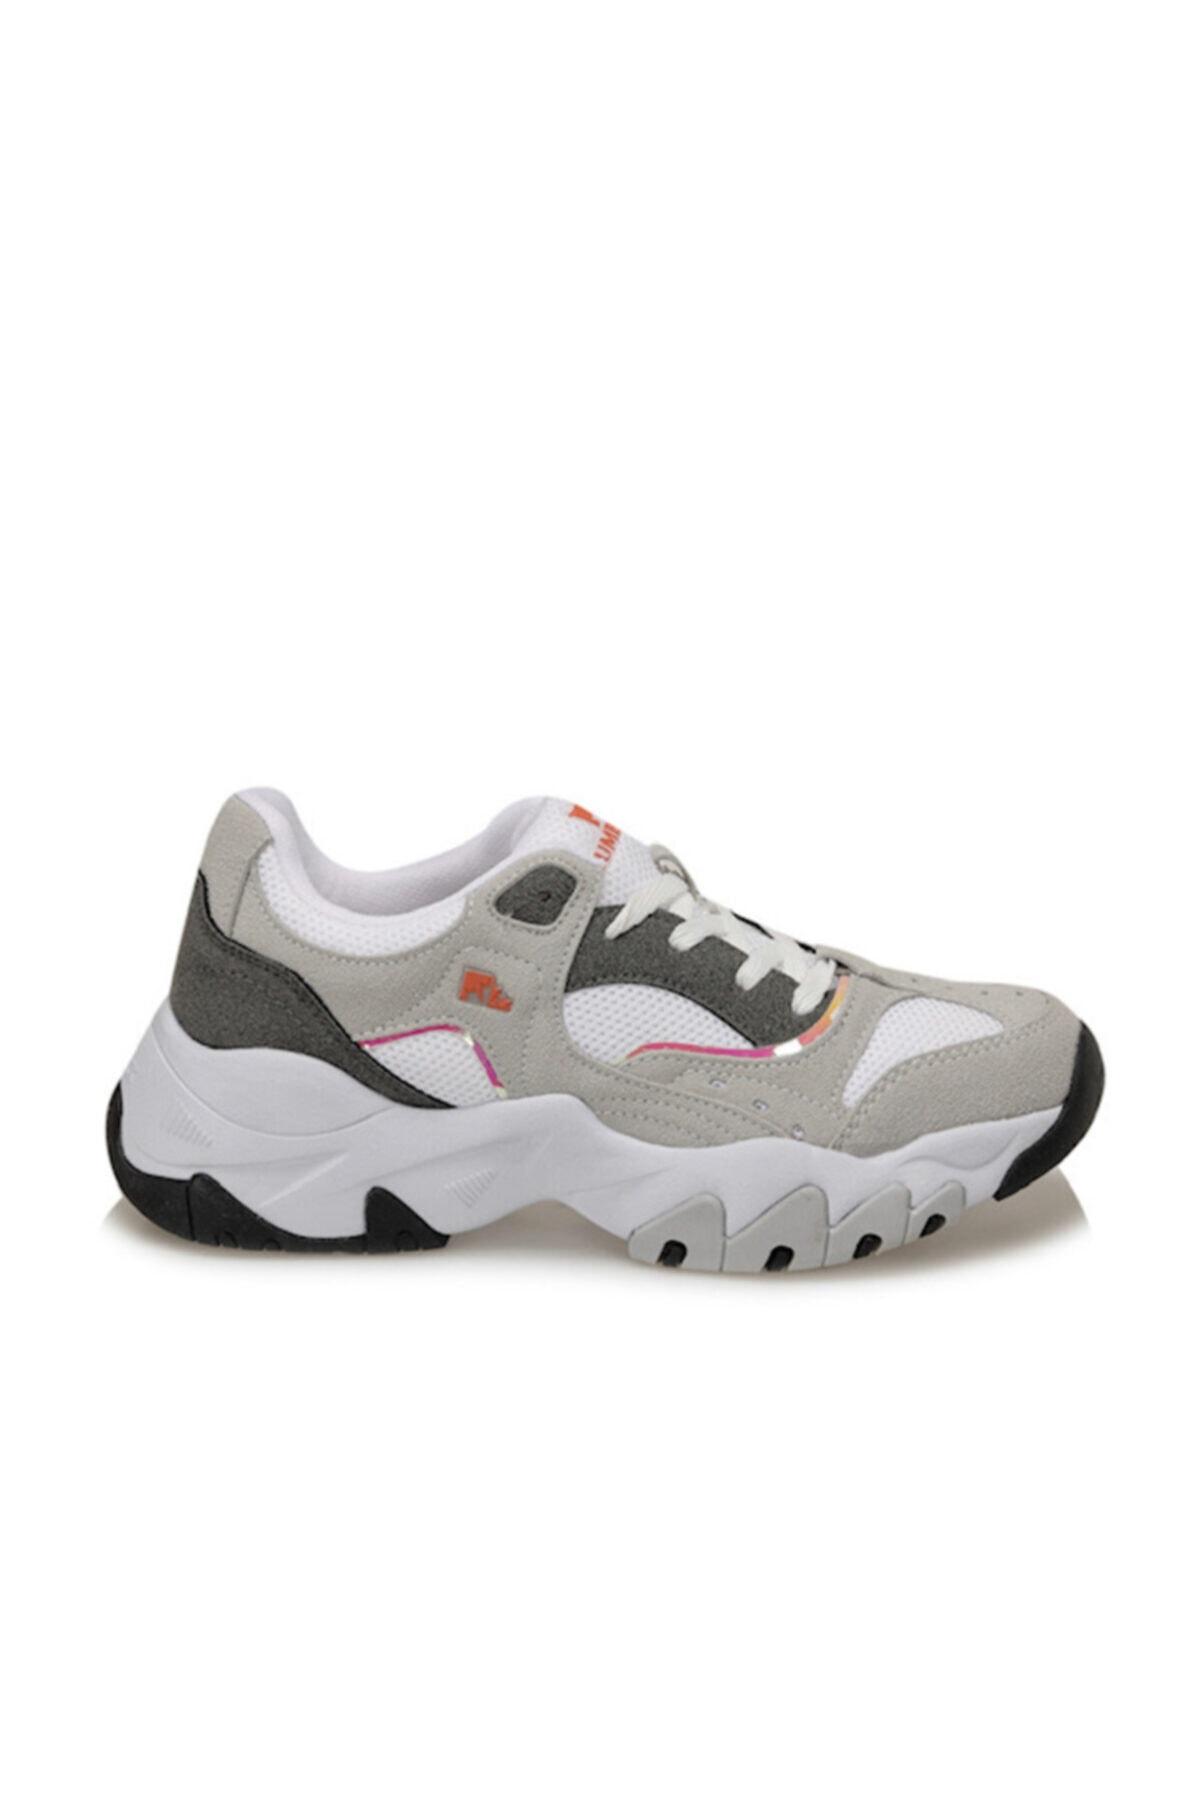 lumberjack Kadın Beyaz Topuklu Sneaker Ayakkabı Regına 2